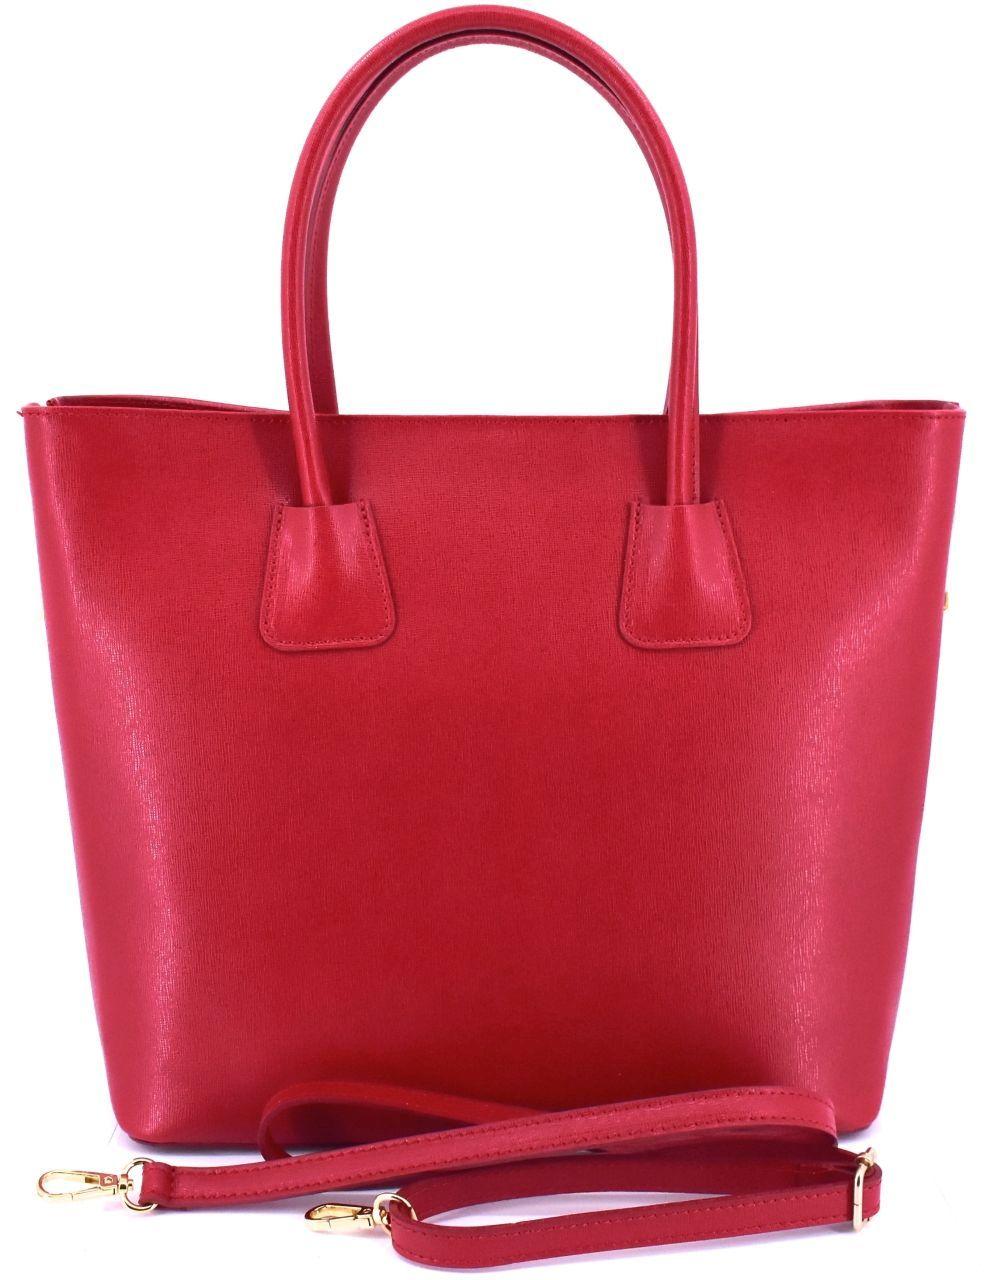 Moderní dámská kožená kabelka Arteddy - tmavě šedá 40912